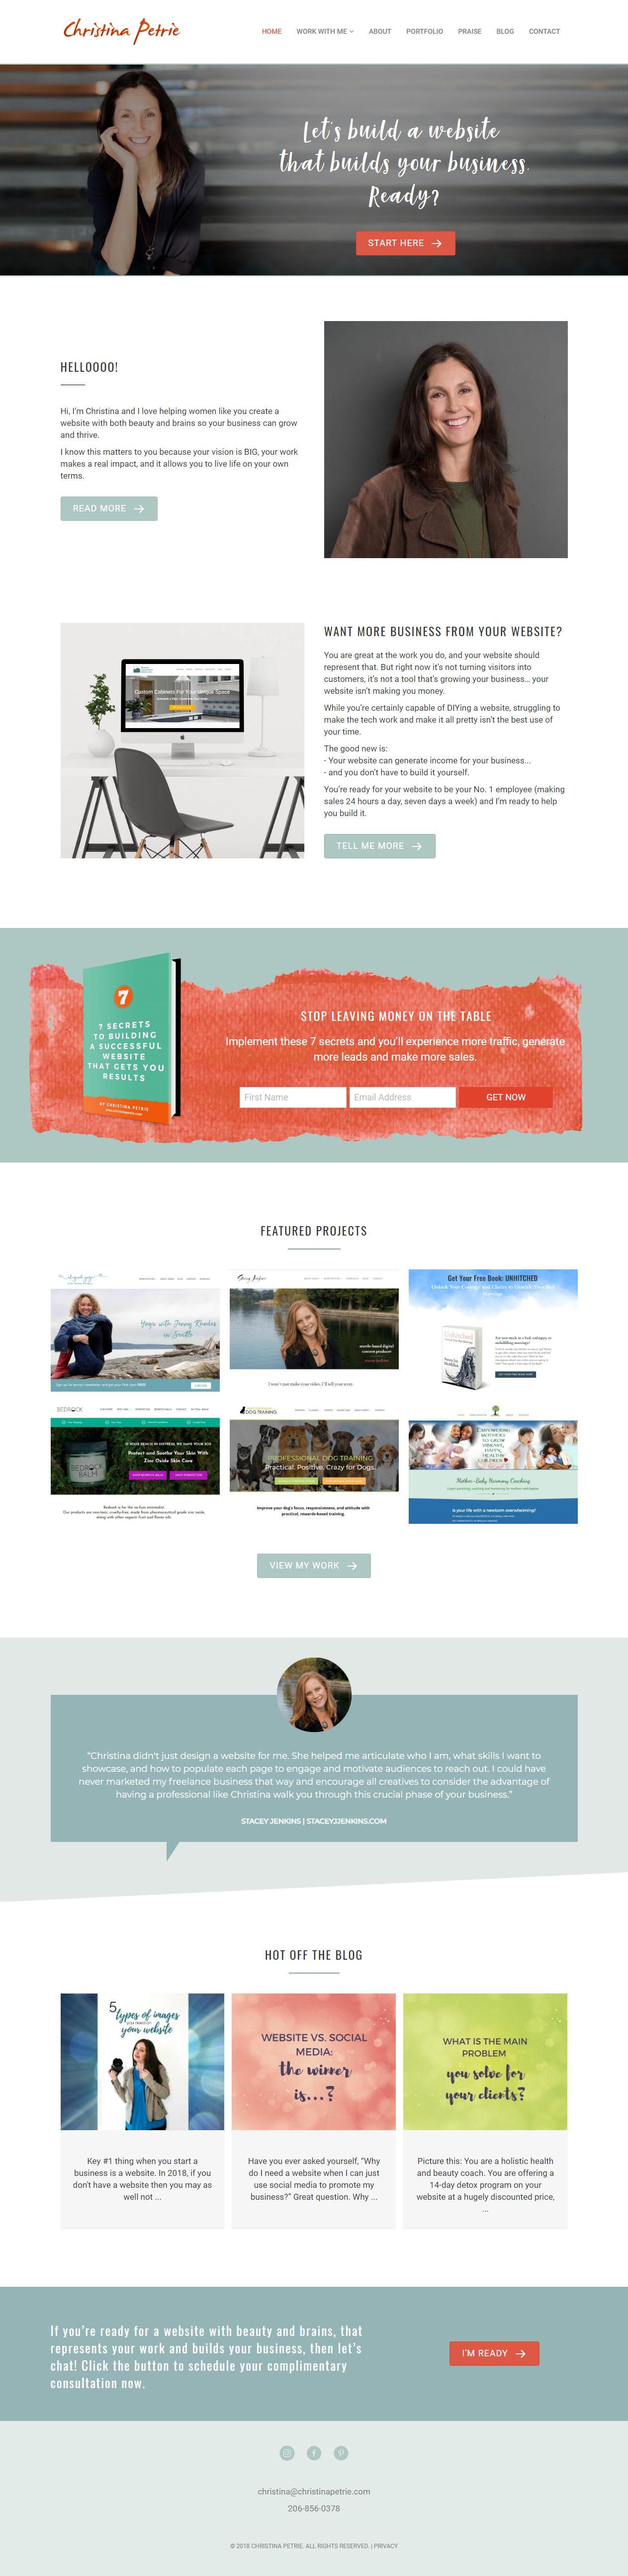 Website Designer Website Design Website Design By Christina Petrie Designs Website Design Design Development Business Launch